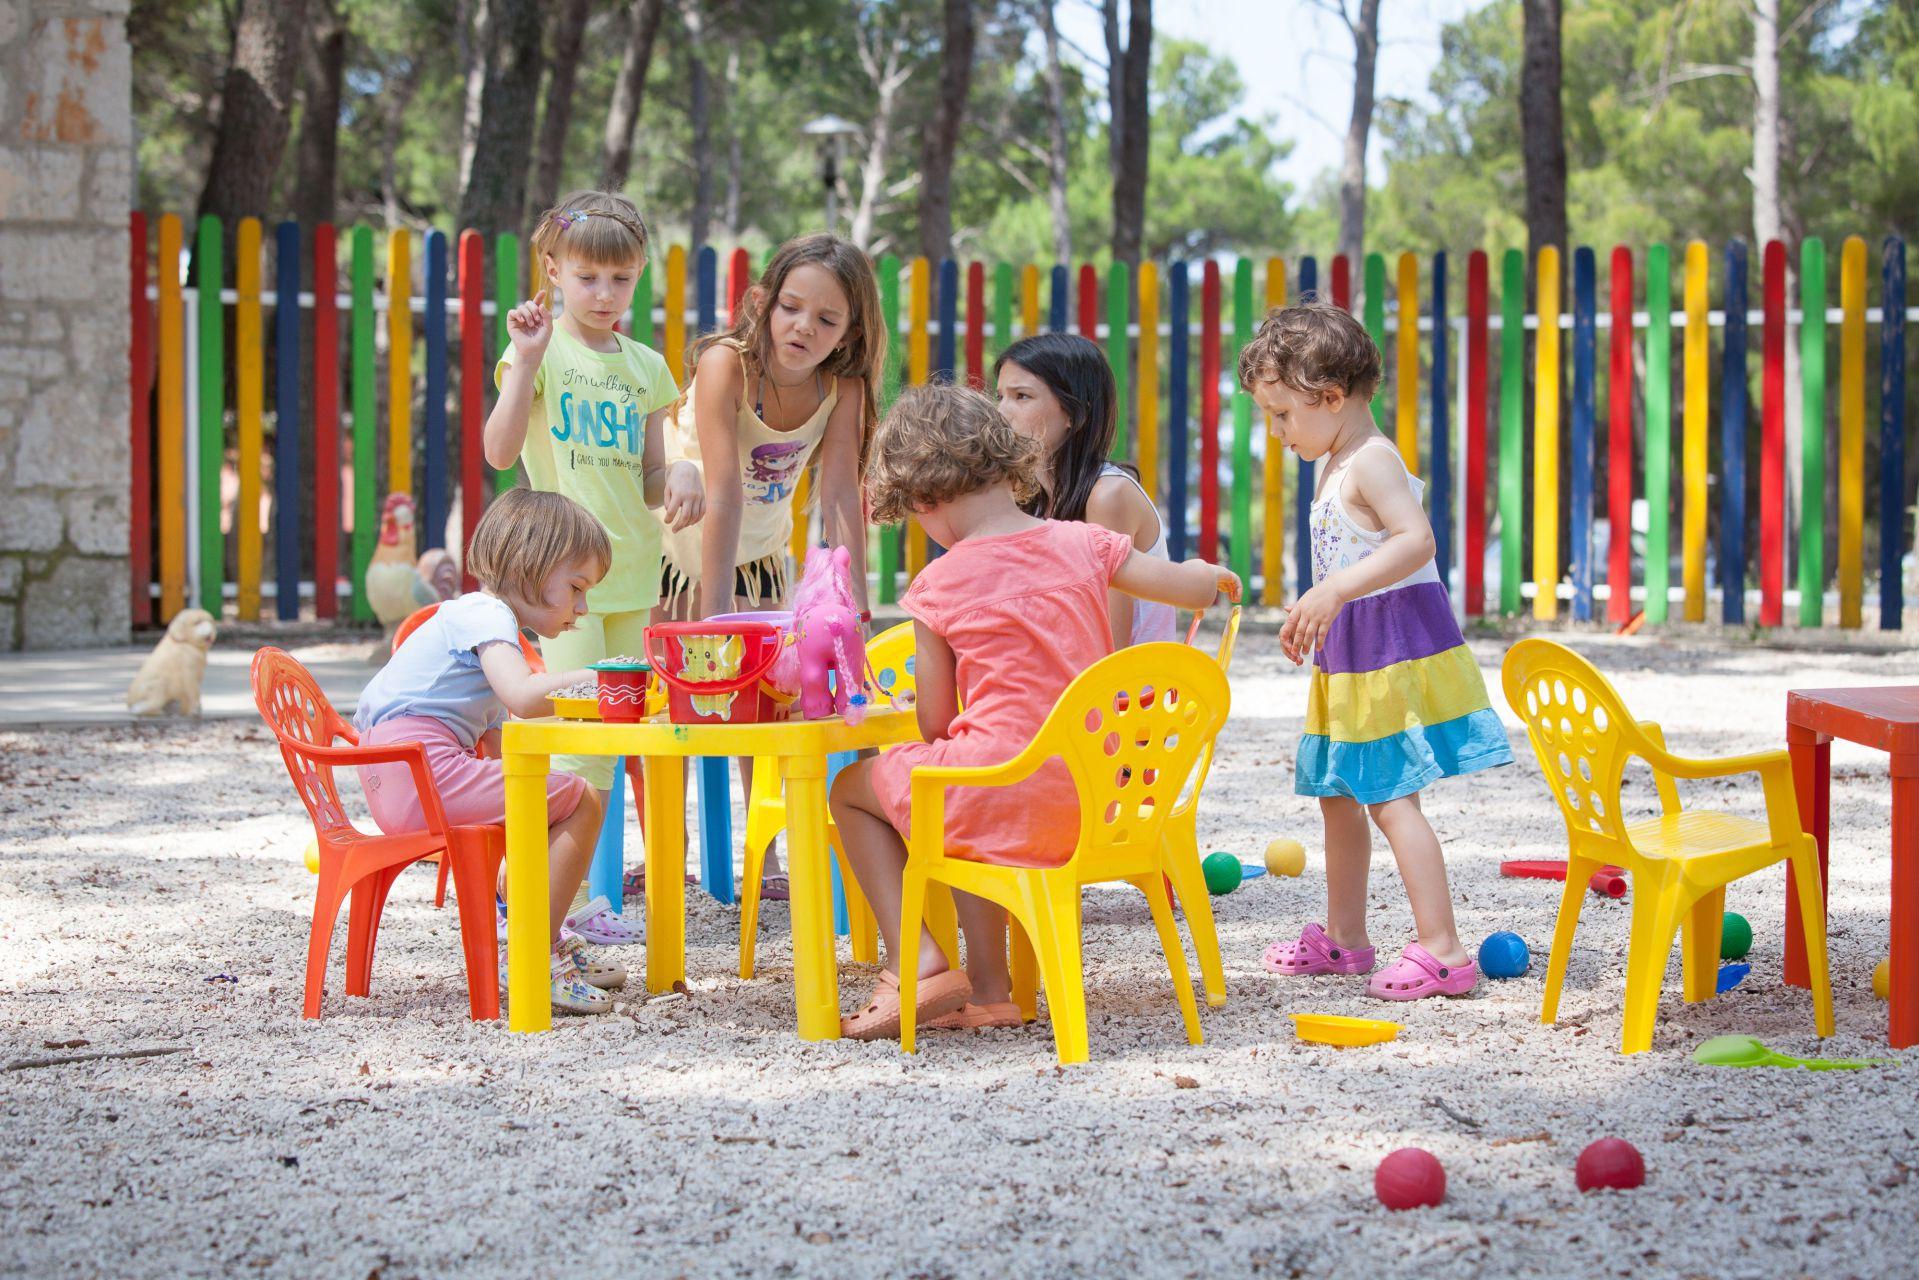 kids club 12 14822909011 o - Zora Hotel